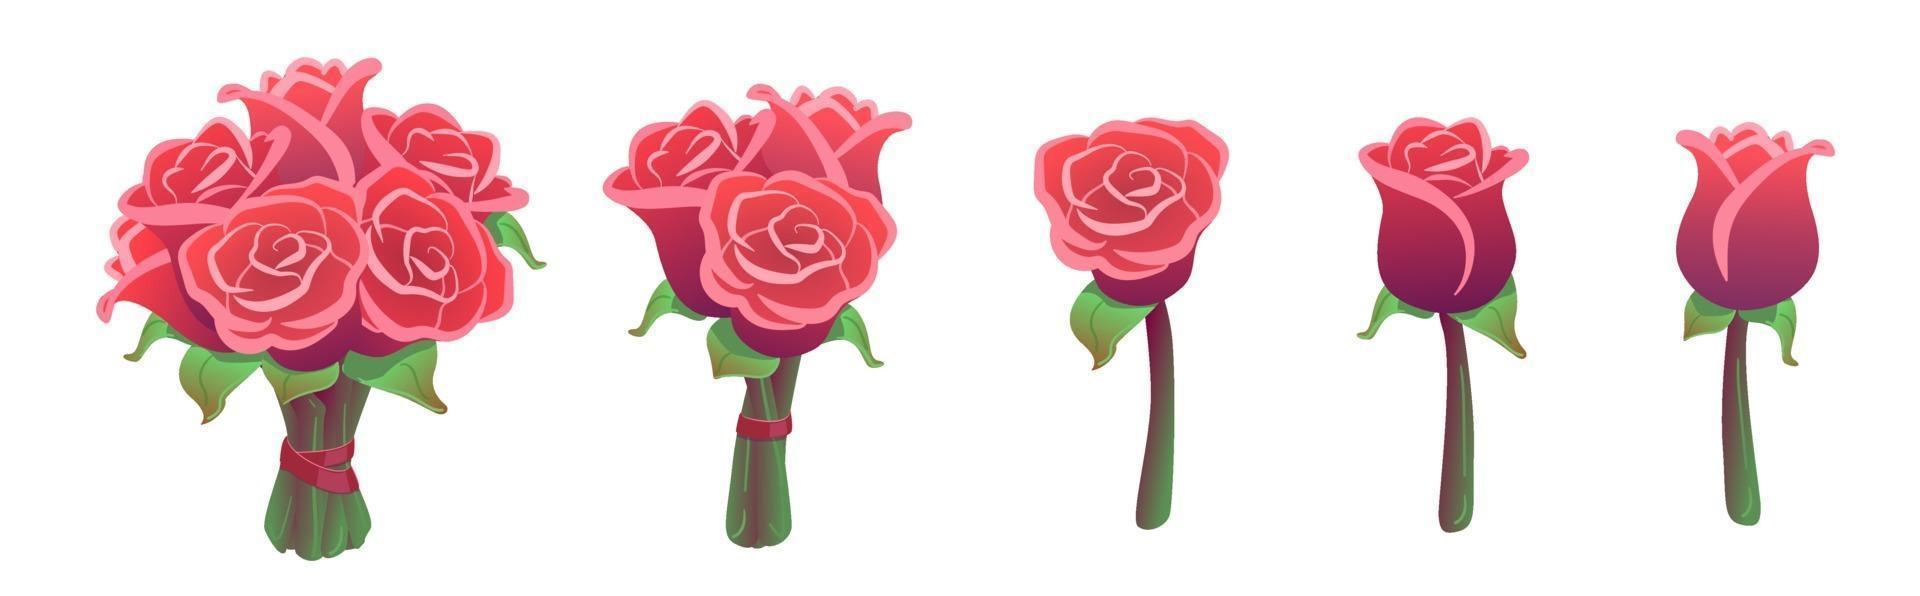 vacker uppsättning röda rosor buketter isolerad på vit bakgrund. valentin presentklisterpaket. stora, små och enstaka blommor. bröllop blommig samling. vektor illustration. kärlek, romantik designelement